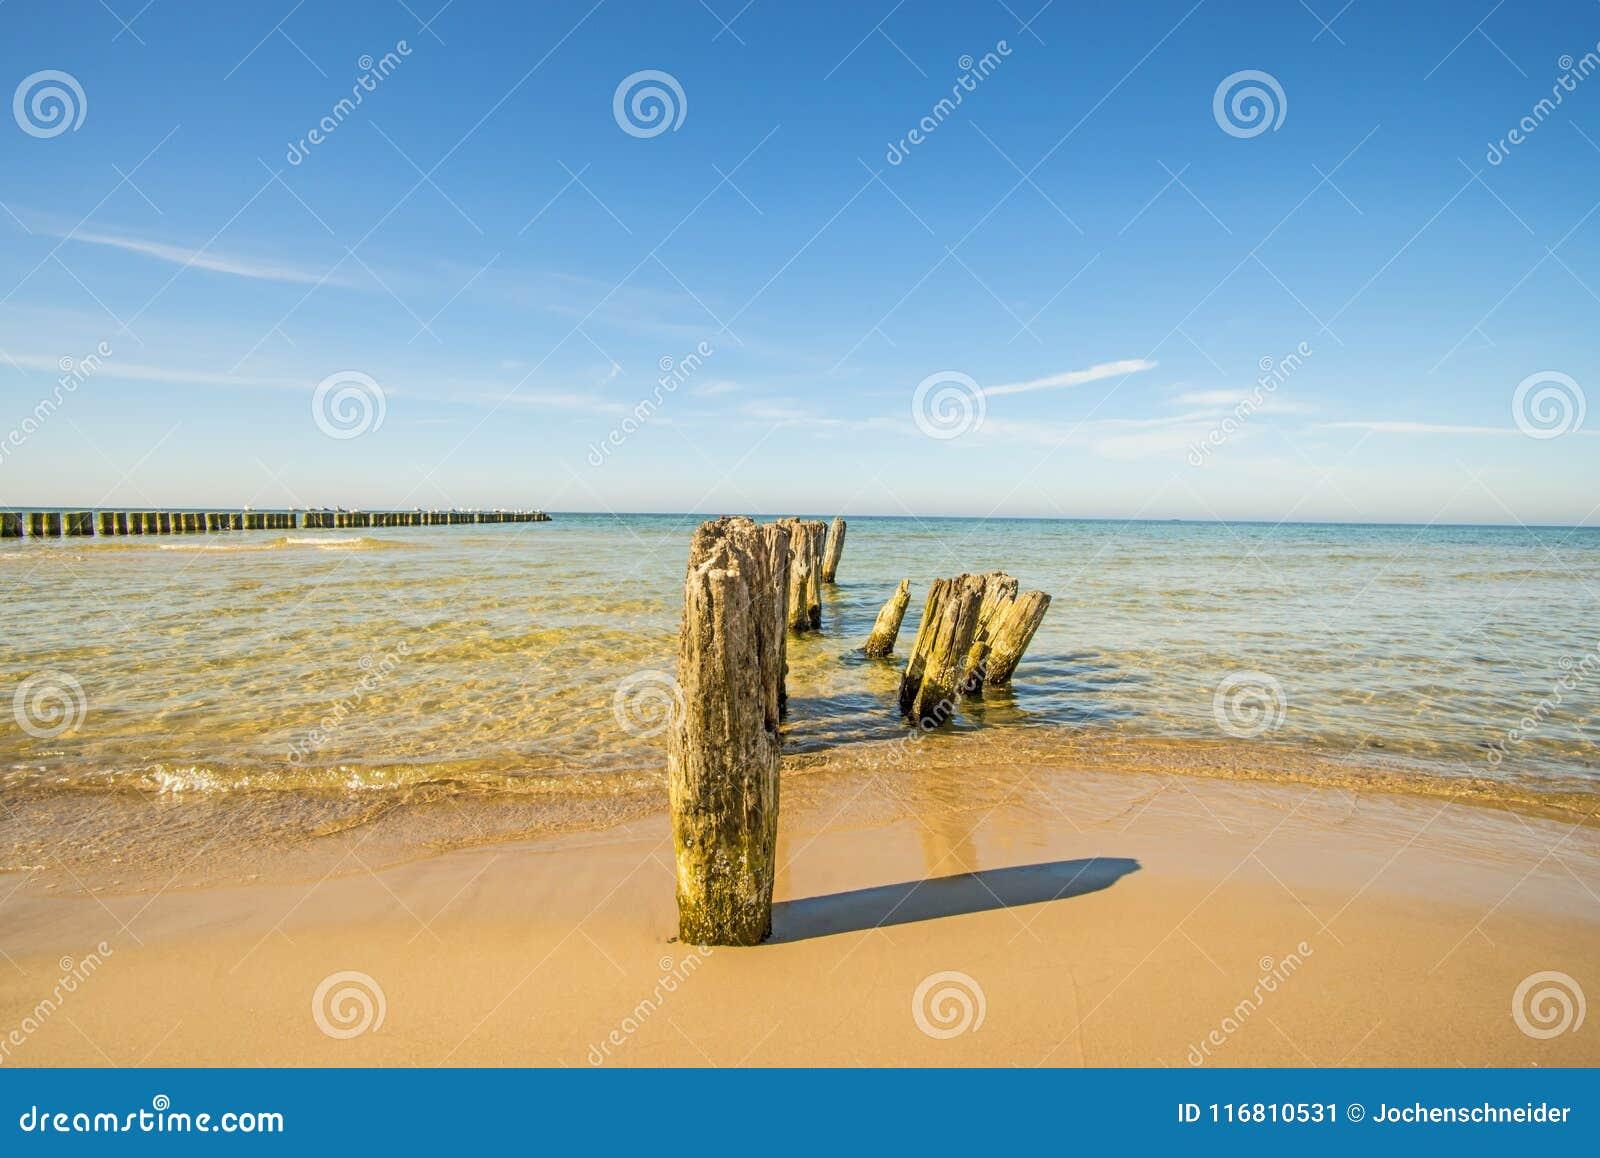 Vecchi inguini nel Mar Baltico con cielo blu